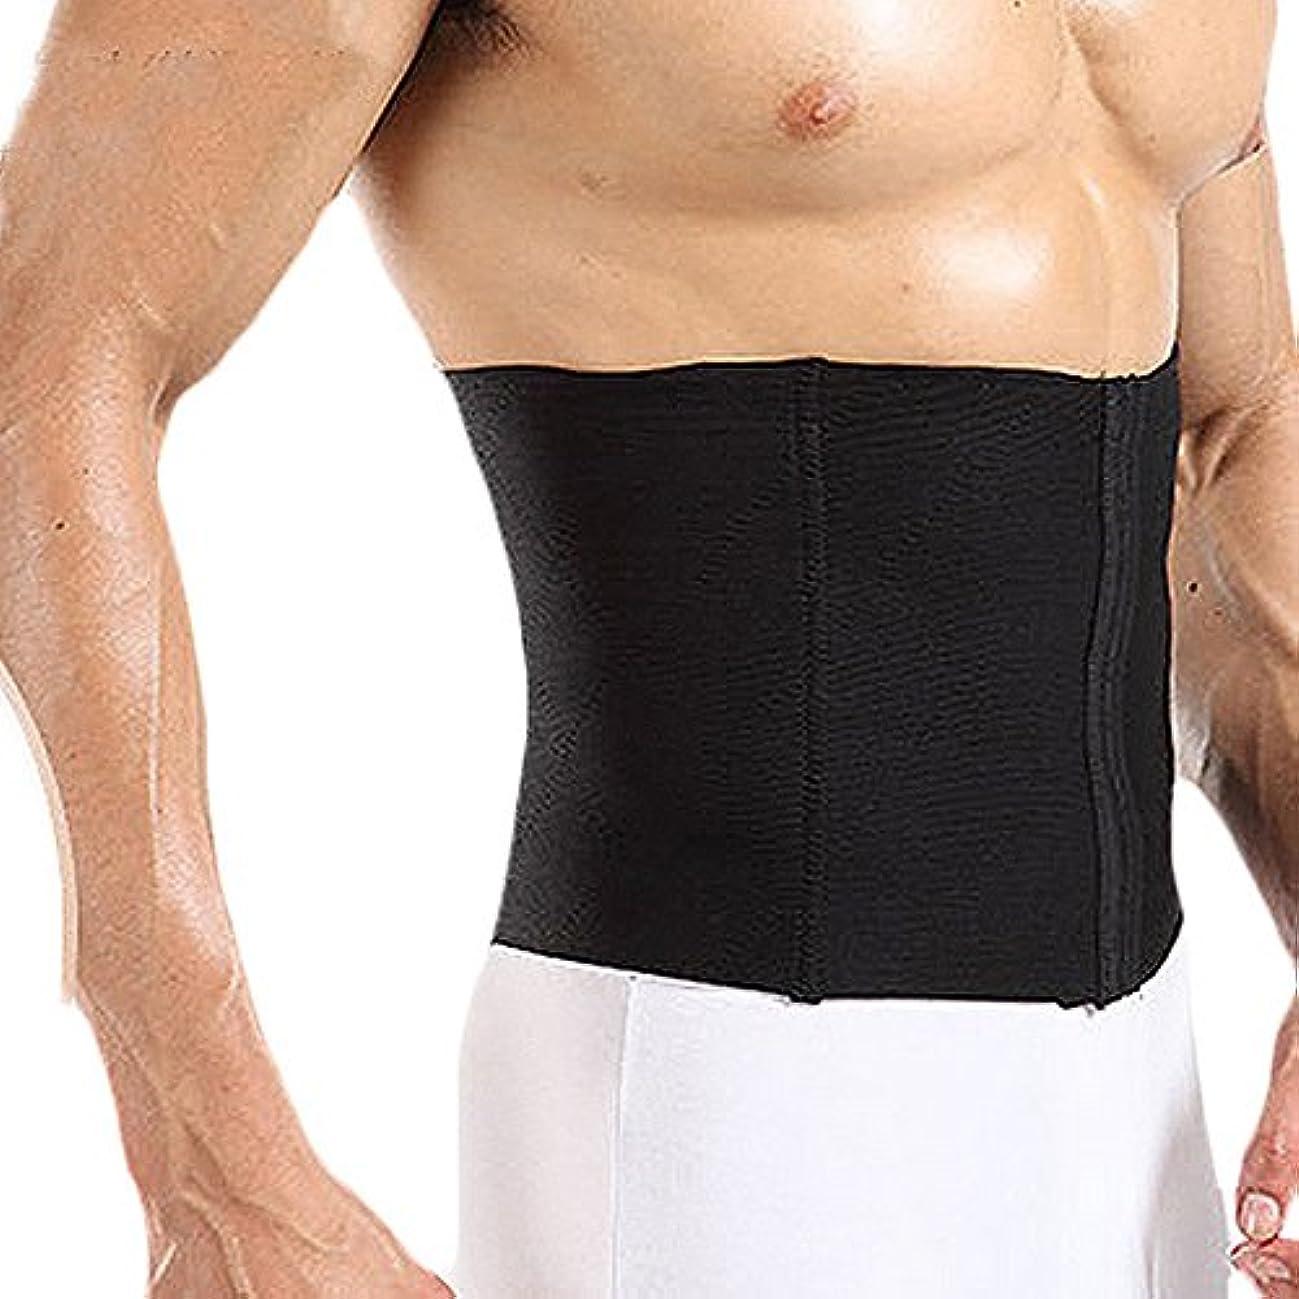 秀でるエンドウ高いSmato ウエストニッパー 腰用 コルセット ウエスト サポーター 産後 加圧 腹巻 ダイエット マタニティ お腹 引き締め くびれ 腰椎 腰痛ベルト 腰痛対策 骨盤矯正 男女兼用 (XL, ブラック)